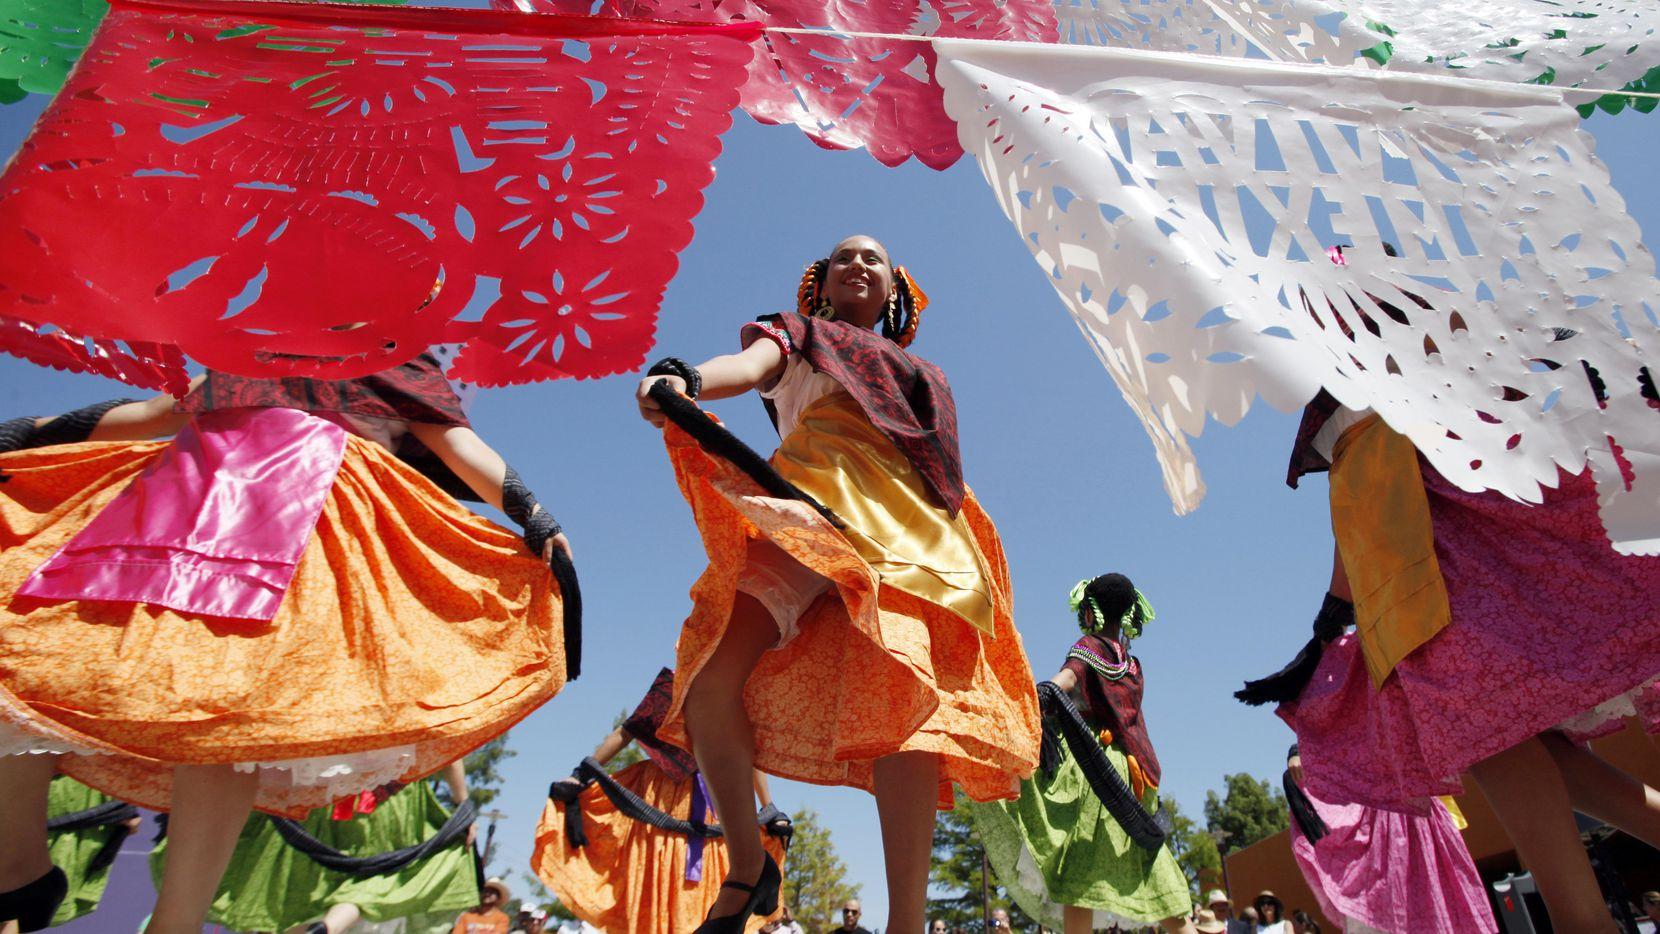 Varios eventos en el Norte de Texas permitirán honrar la cultura de hispanoamérica este fin de semana. (ESPECIAL PARA AL DÍA/BEN TORRES)